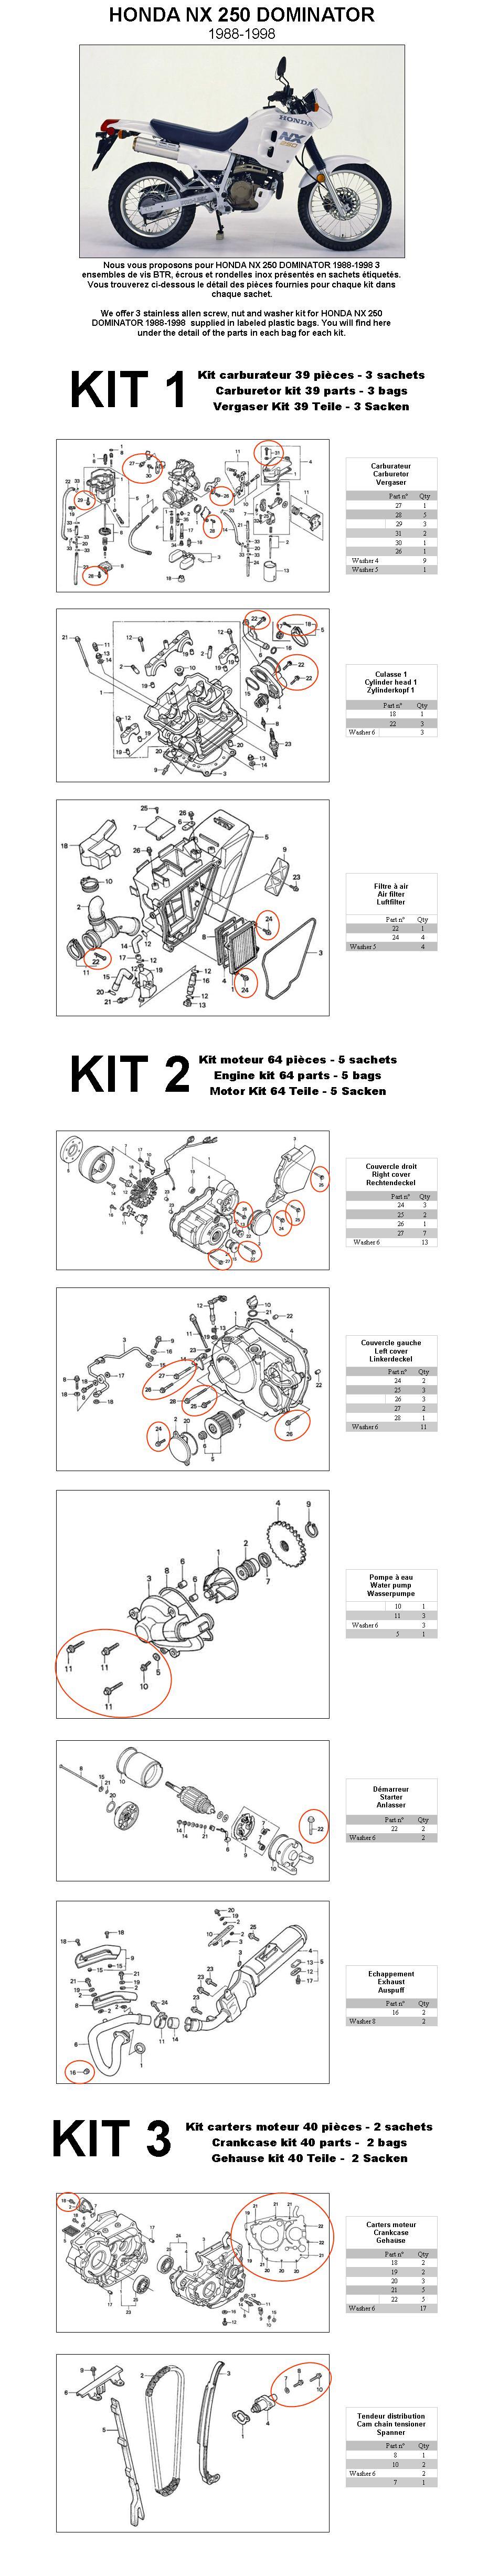 1988 Honda Nx250 Wiring Diagram Detailed Schematics Zb50 Nx 250 Dominator 1998